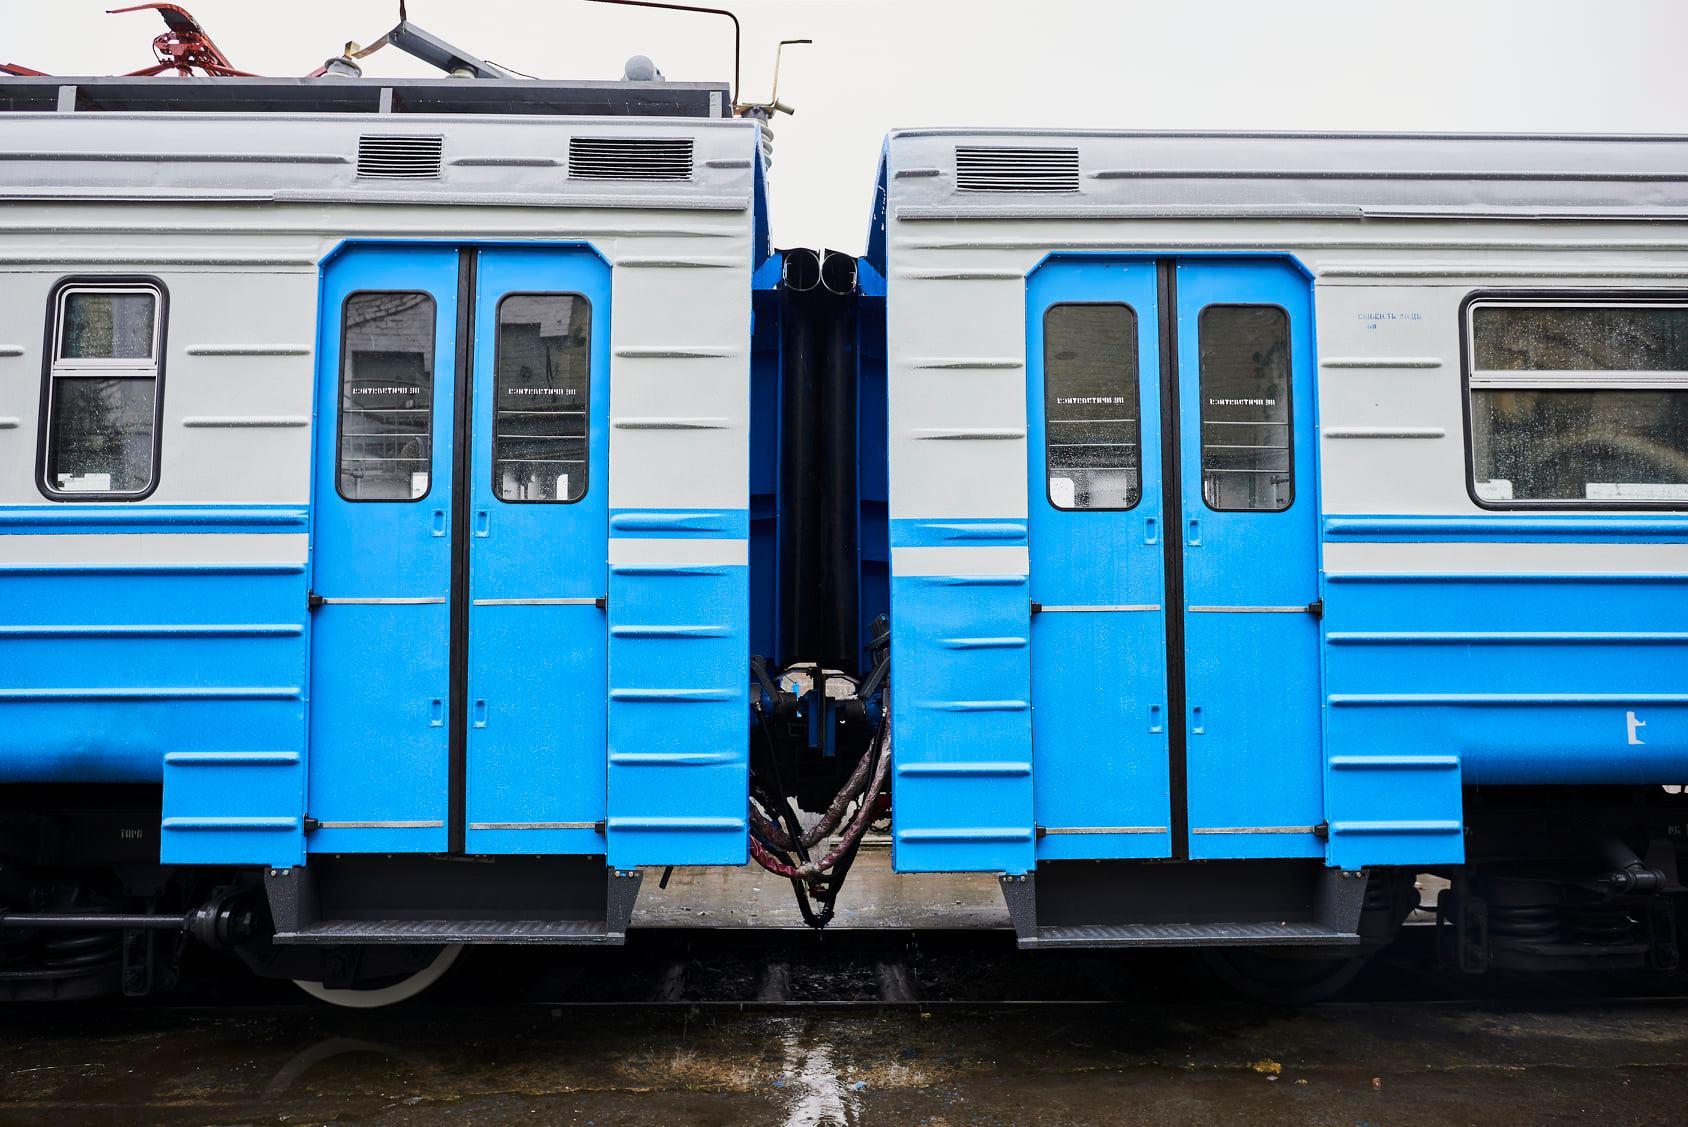 За пільгові перевезення Укрзалізниці компенсували лише 28% - Укрзалізниця, компенсація, Заборгованість - 140421398 3953803654653393 8414403855480402258 o